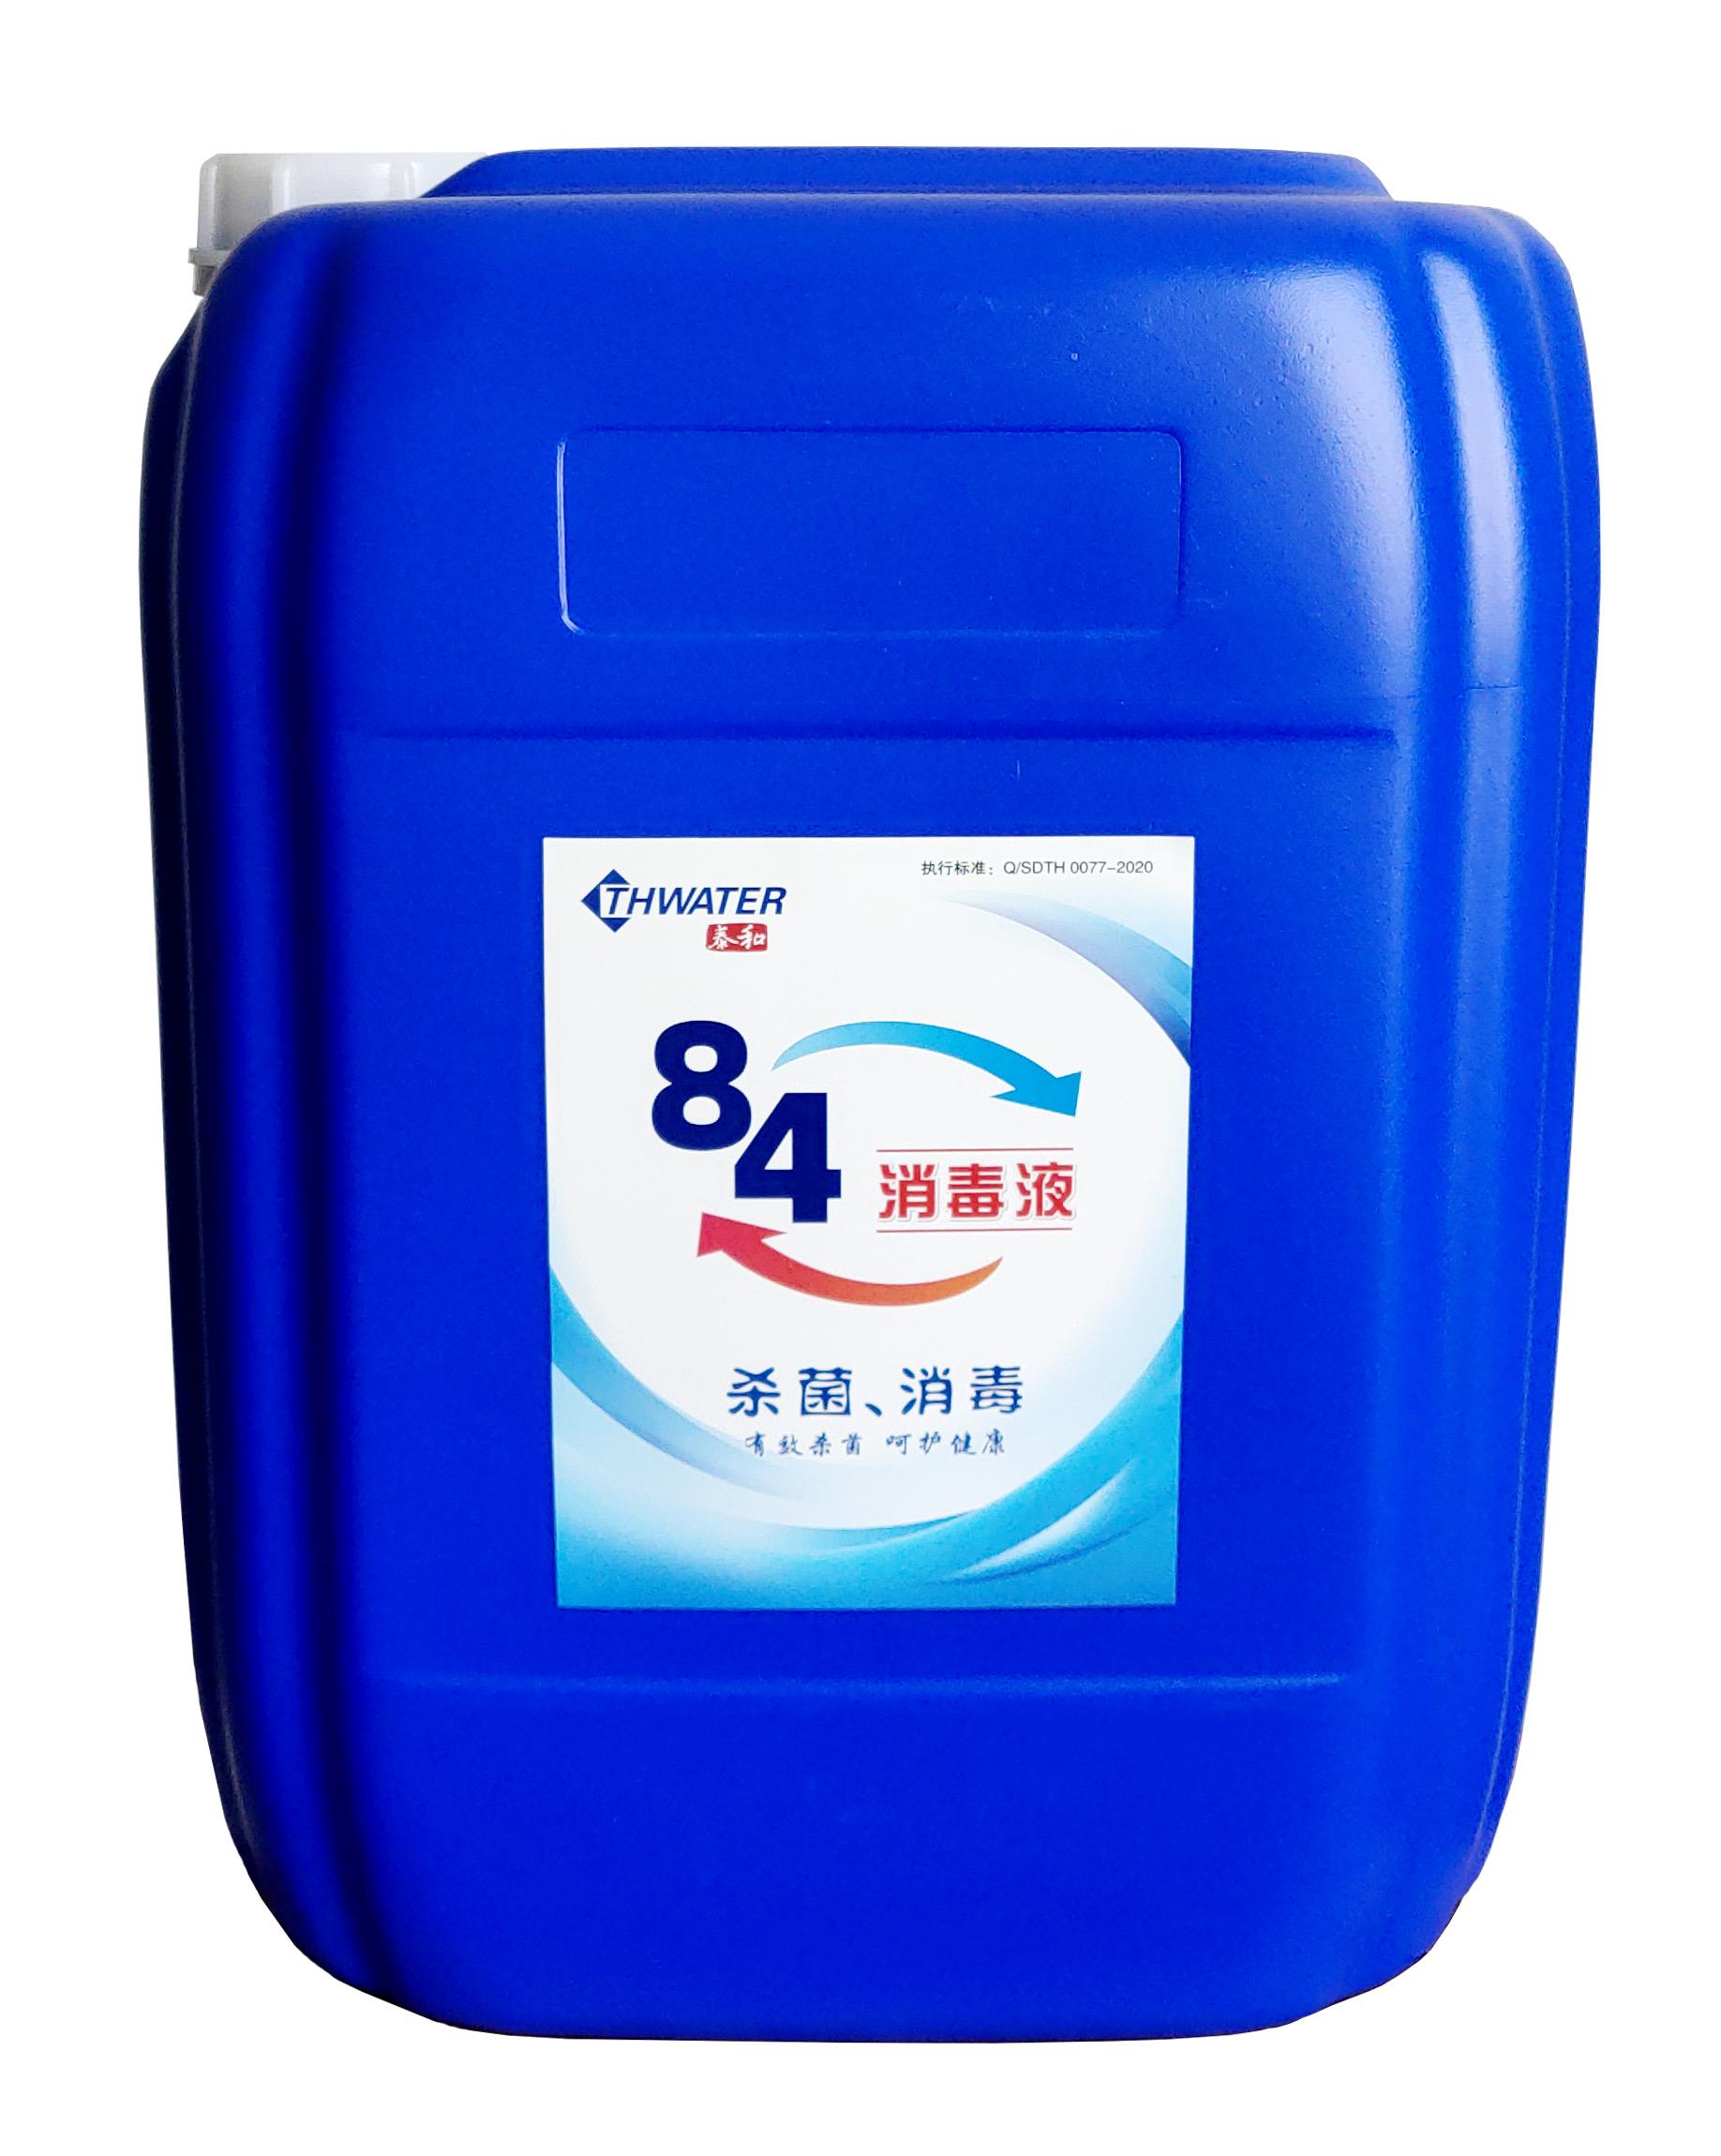 84消毒液25kg装